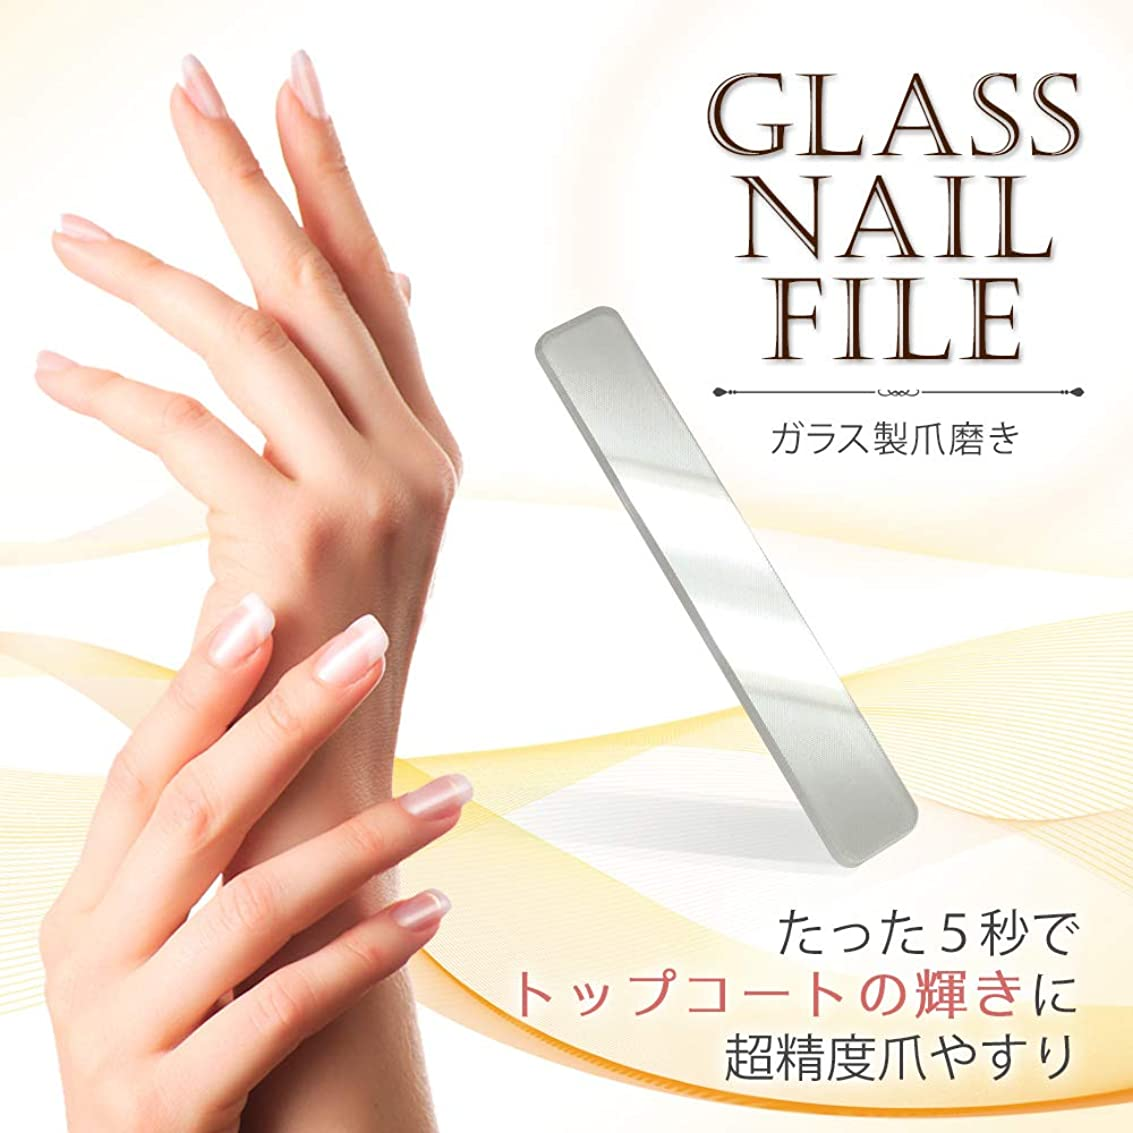 ステレオスツールファンタジー5秒で実感 Glass Nail File (ガラス製 爪やすり 爪みがき つめみがき 爪磨き ネイルファイル ネイルシャイナー グラスシャイナー バッファー ネイルケア 爪ケア)